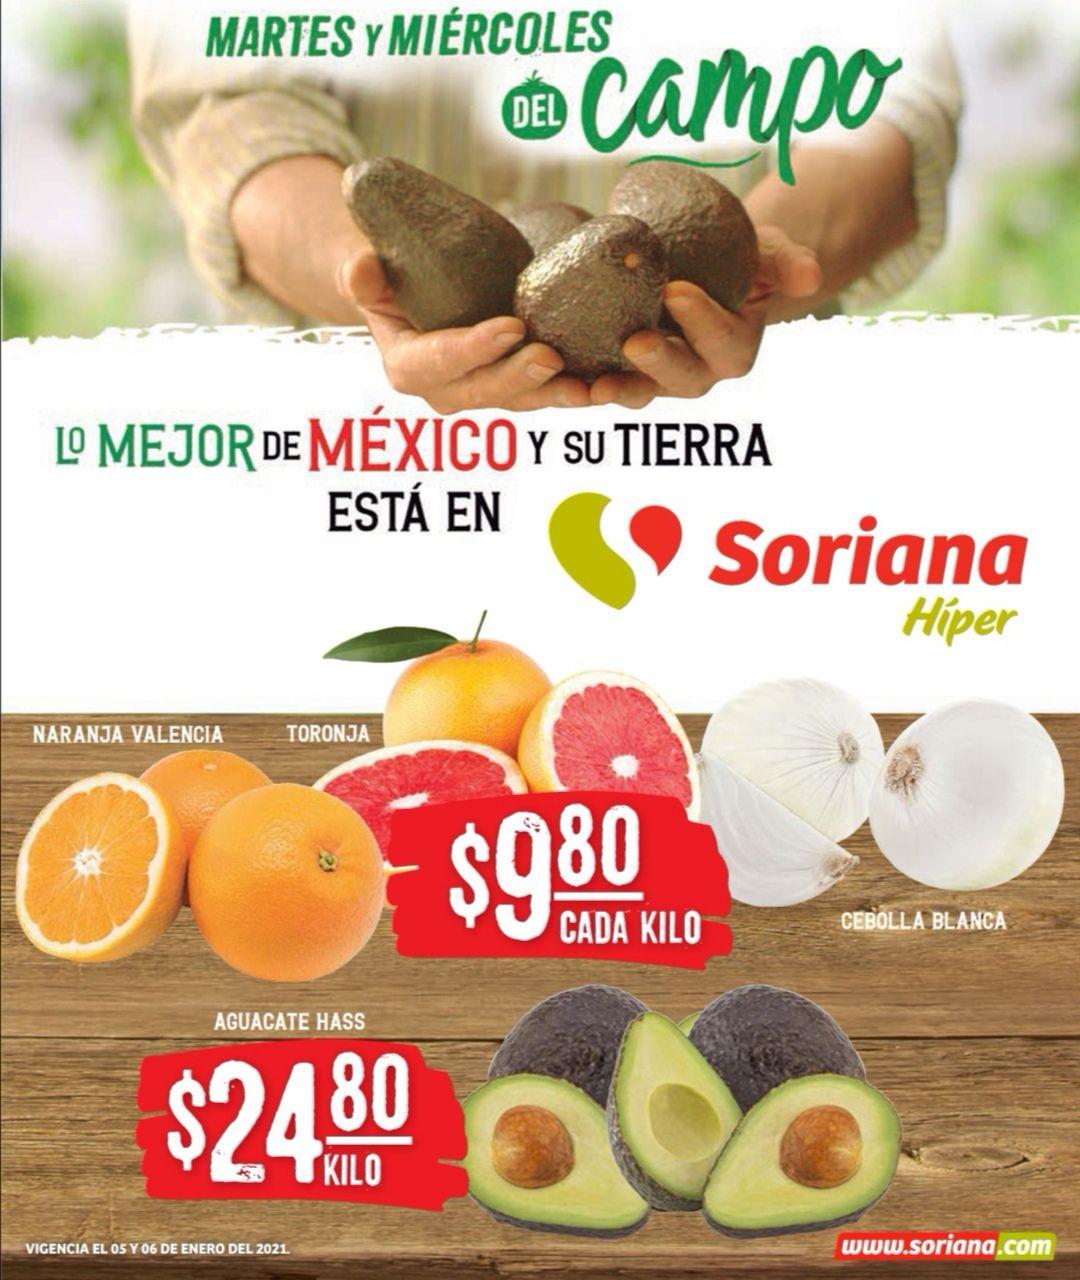 Soriana Híper y Súper: Martes y Miércoles del Campo 5 y 6 Enero: Naranja ó Toronja ó Cebolla $9.80 kg... Aguacate $24.80 kg.